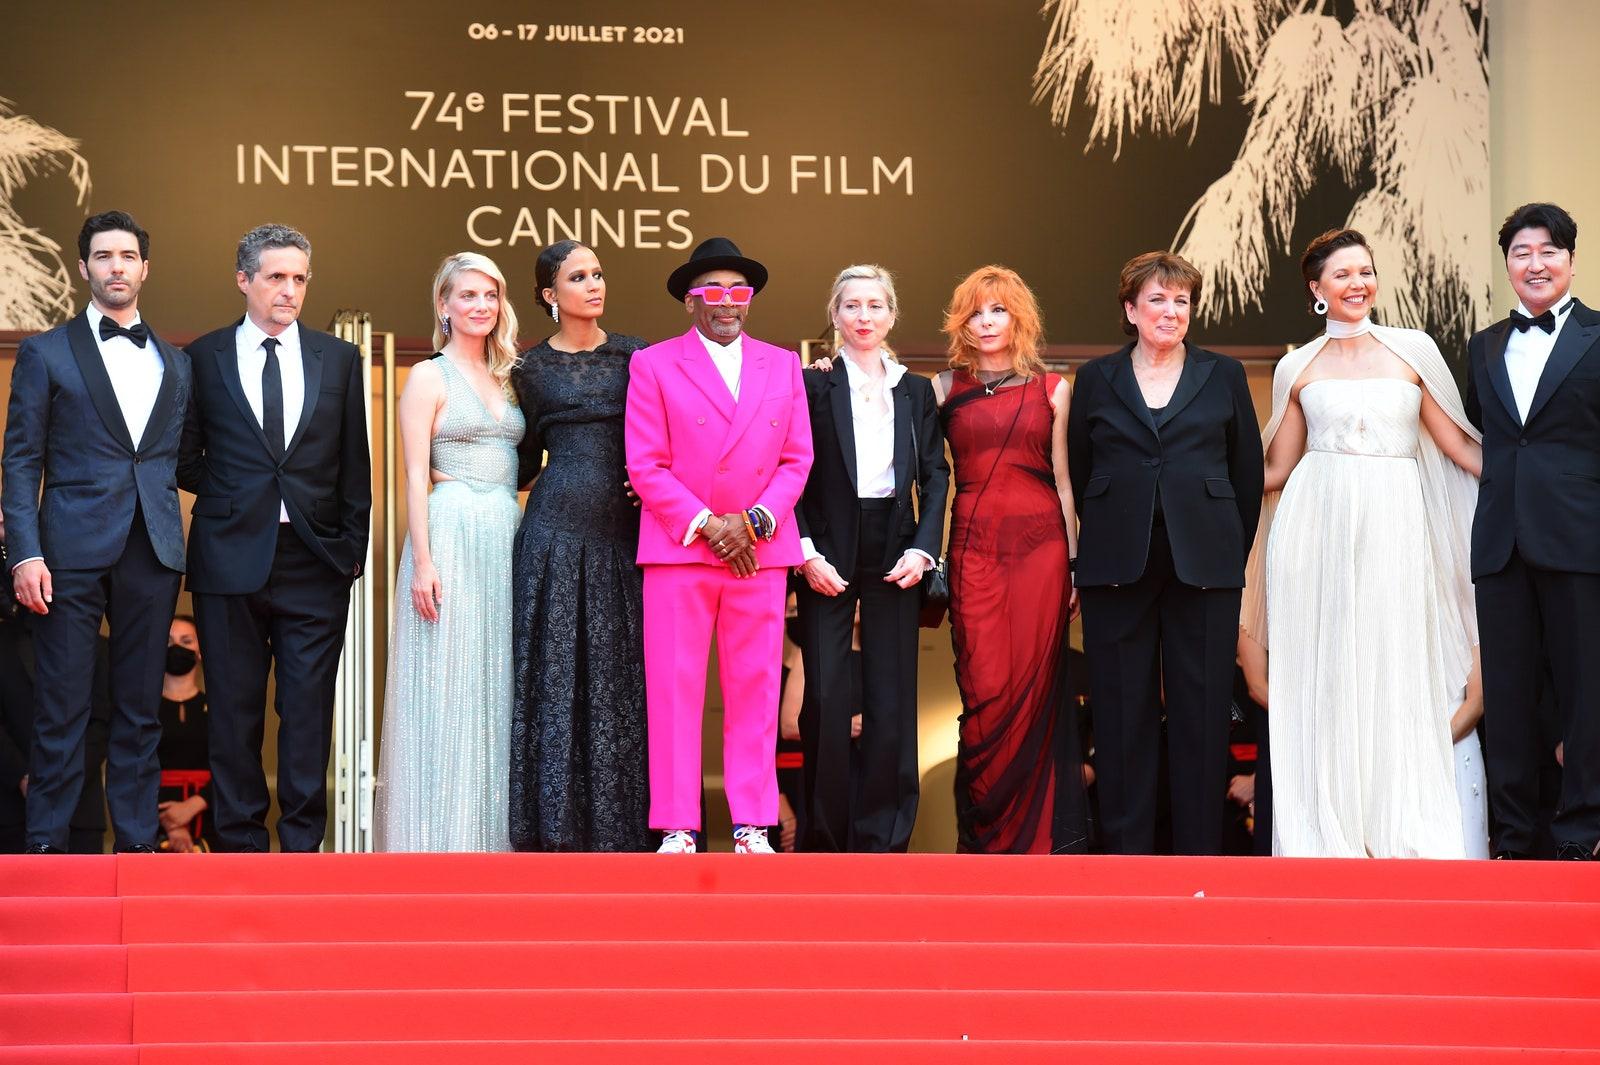 Festival de Cannes 2021 : Voici les plus beaux looks de la Cérémonie d' ouverture | AMAG